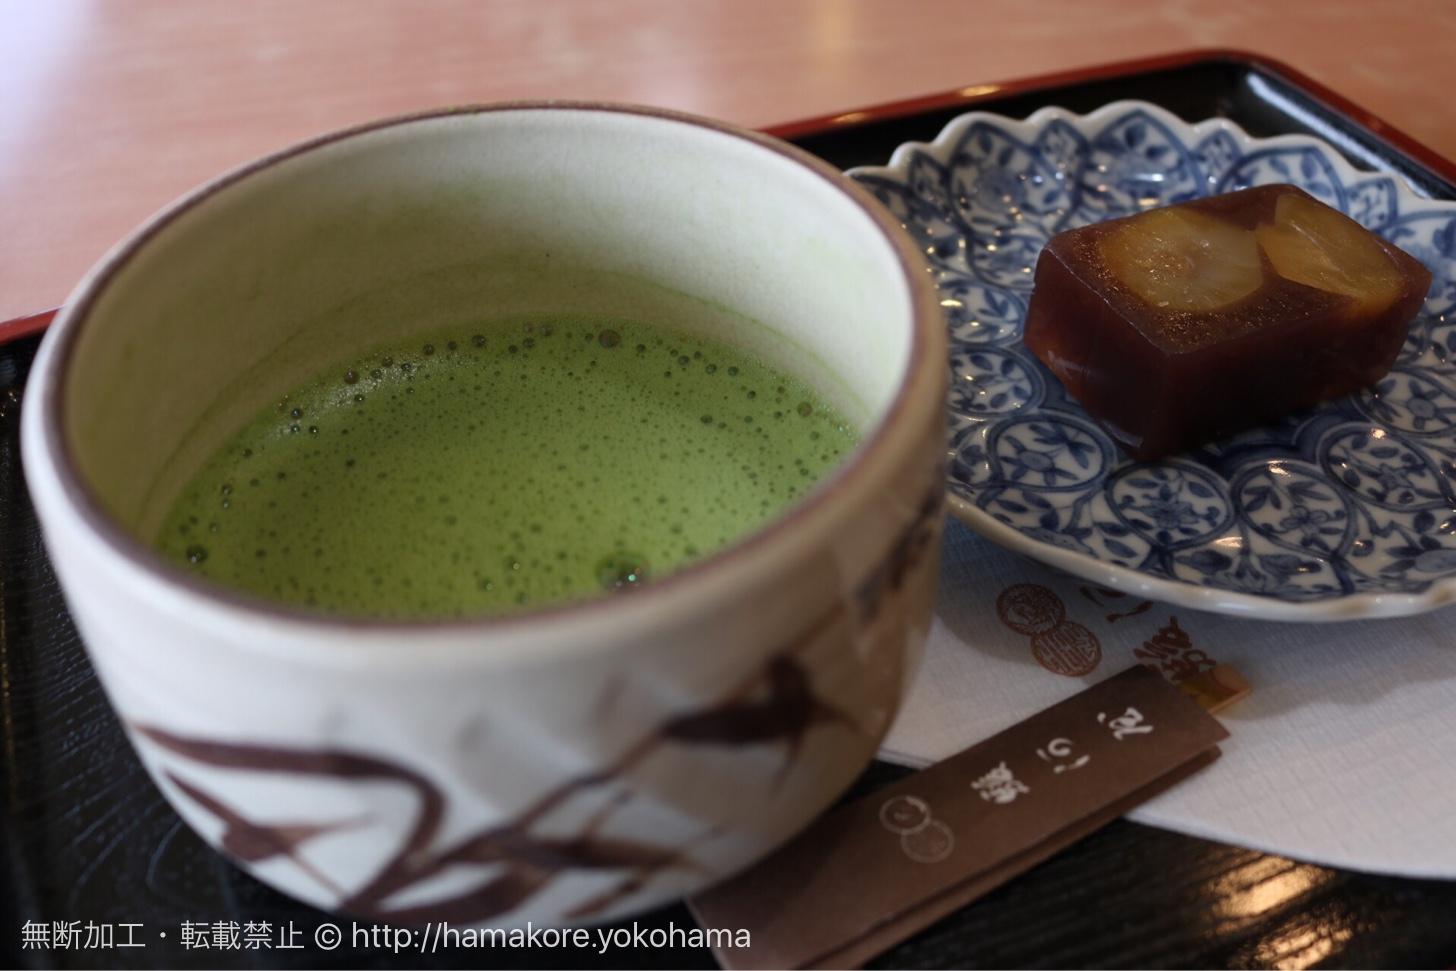 抹茶と栗羊羹のセット